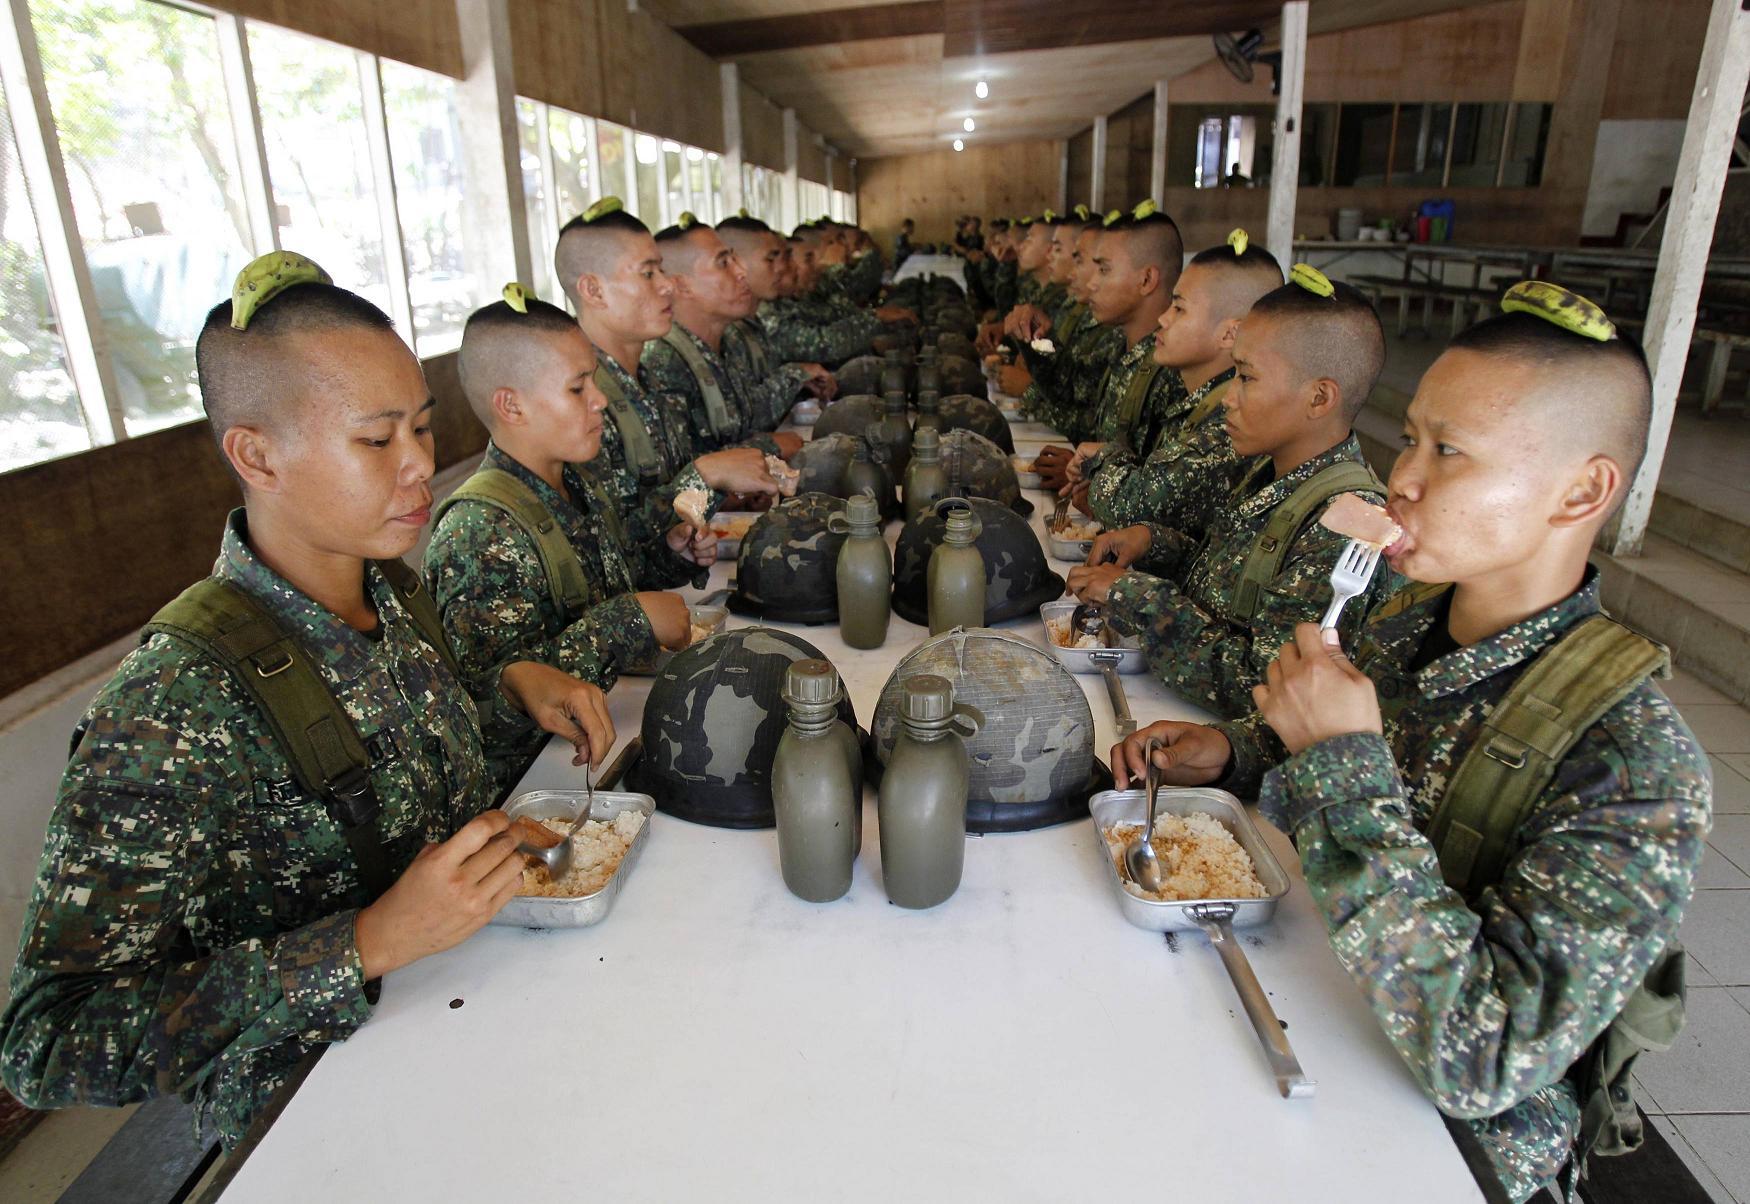 Картинки для, женщины в армии прикольные картинки